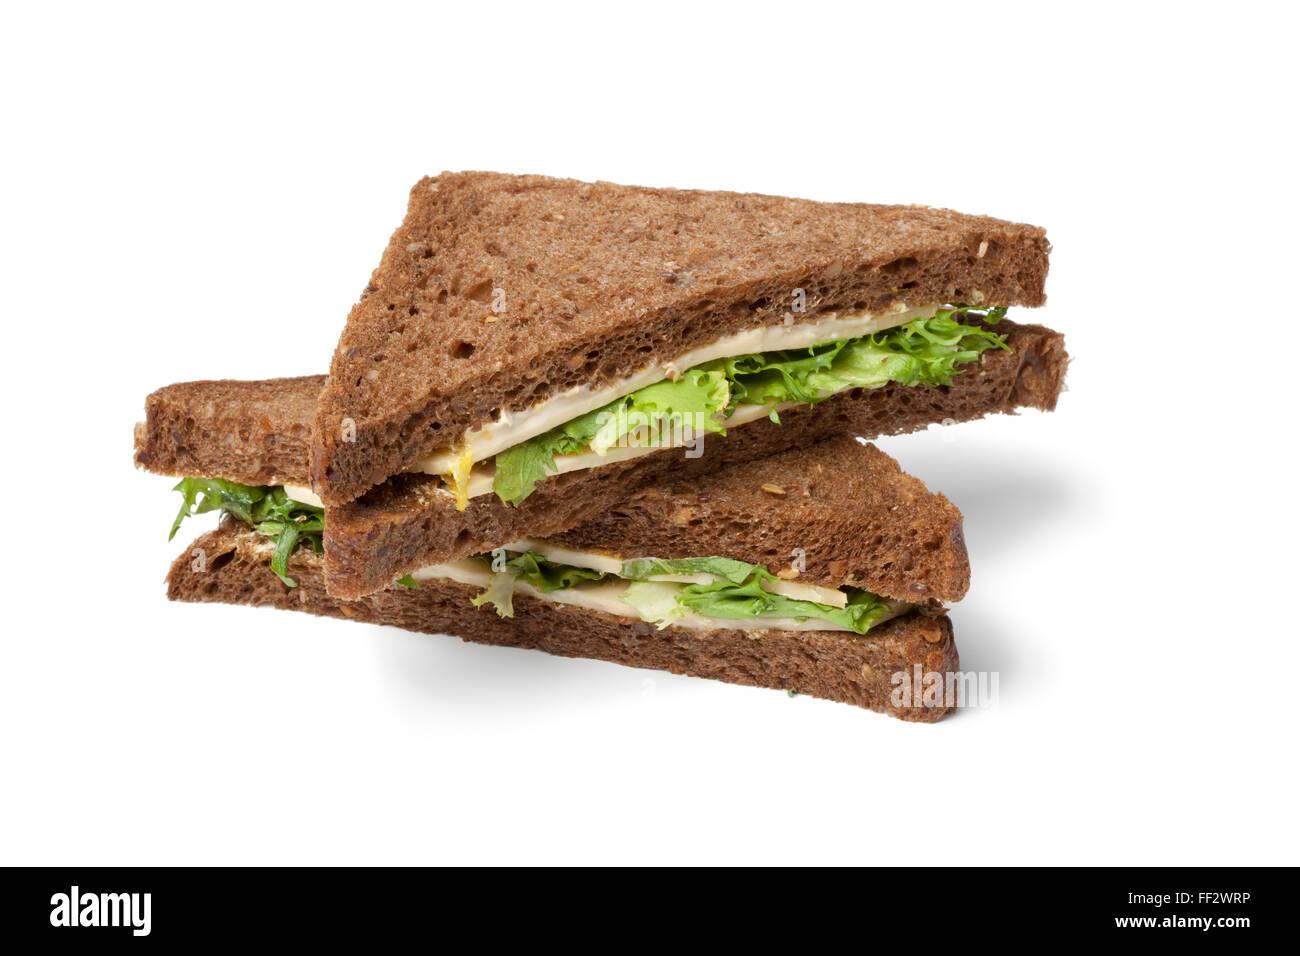 Fresco formaggio sano e insalata panino su sfondo bianco Immagini Stock